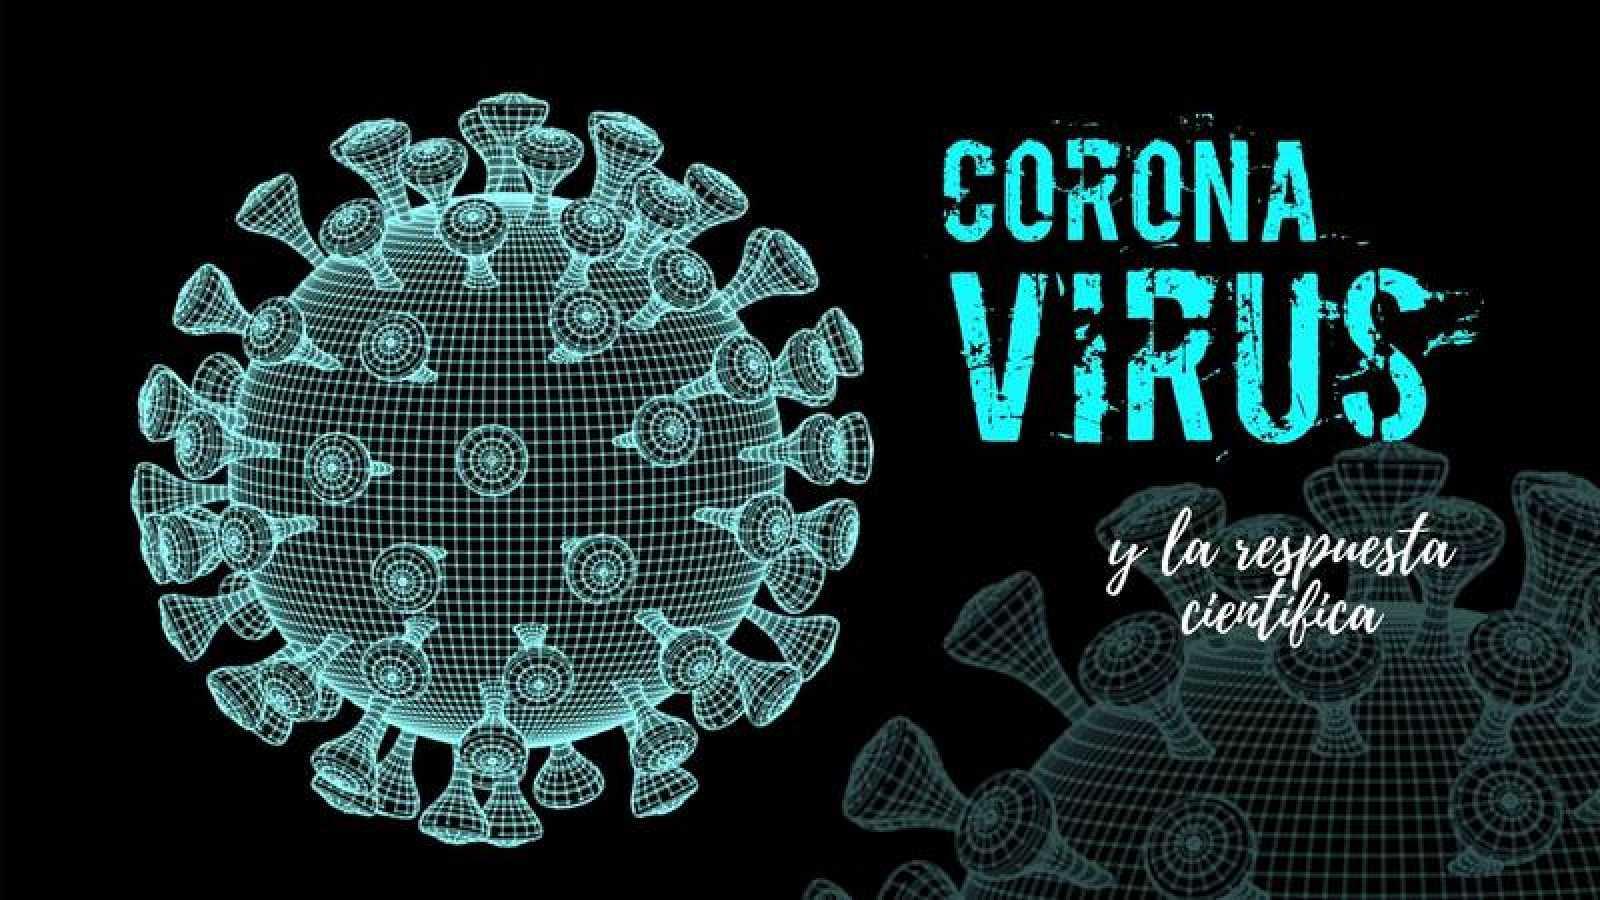 El Coronavirus y la respuesta científica